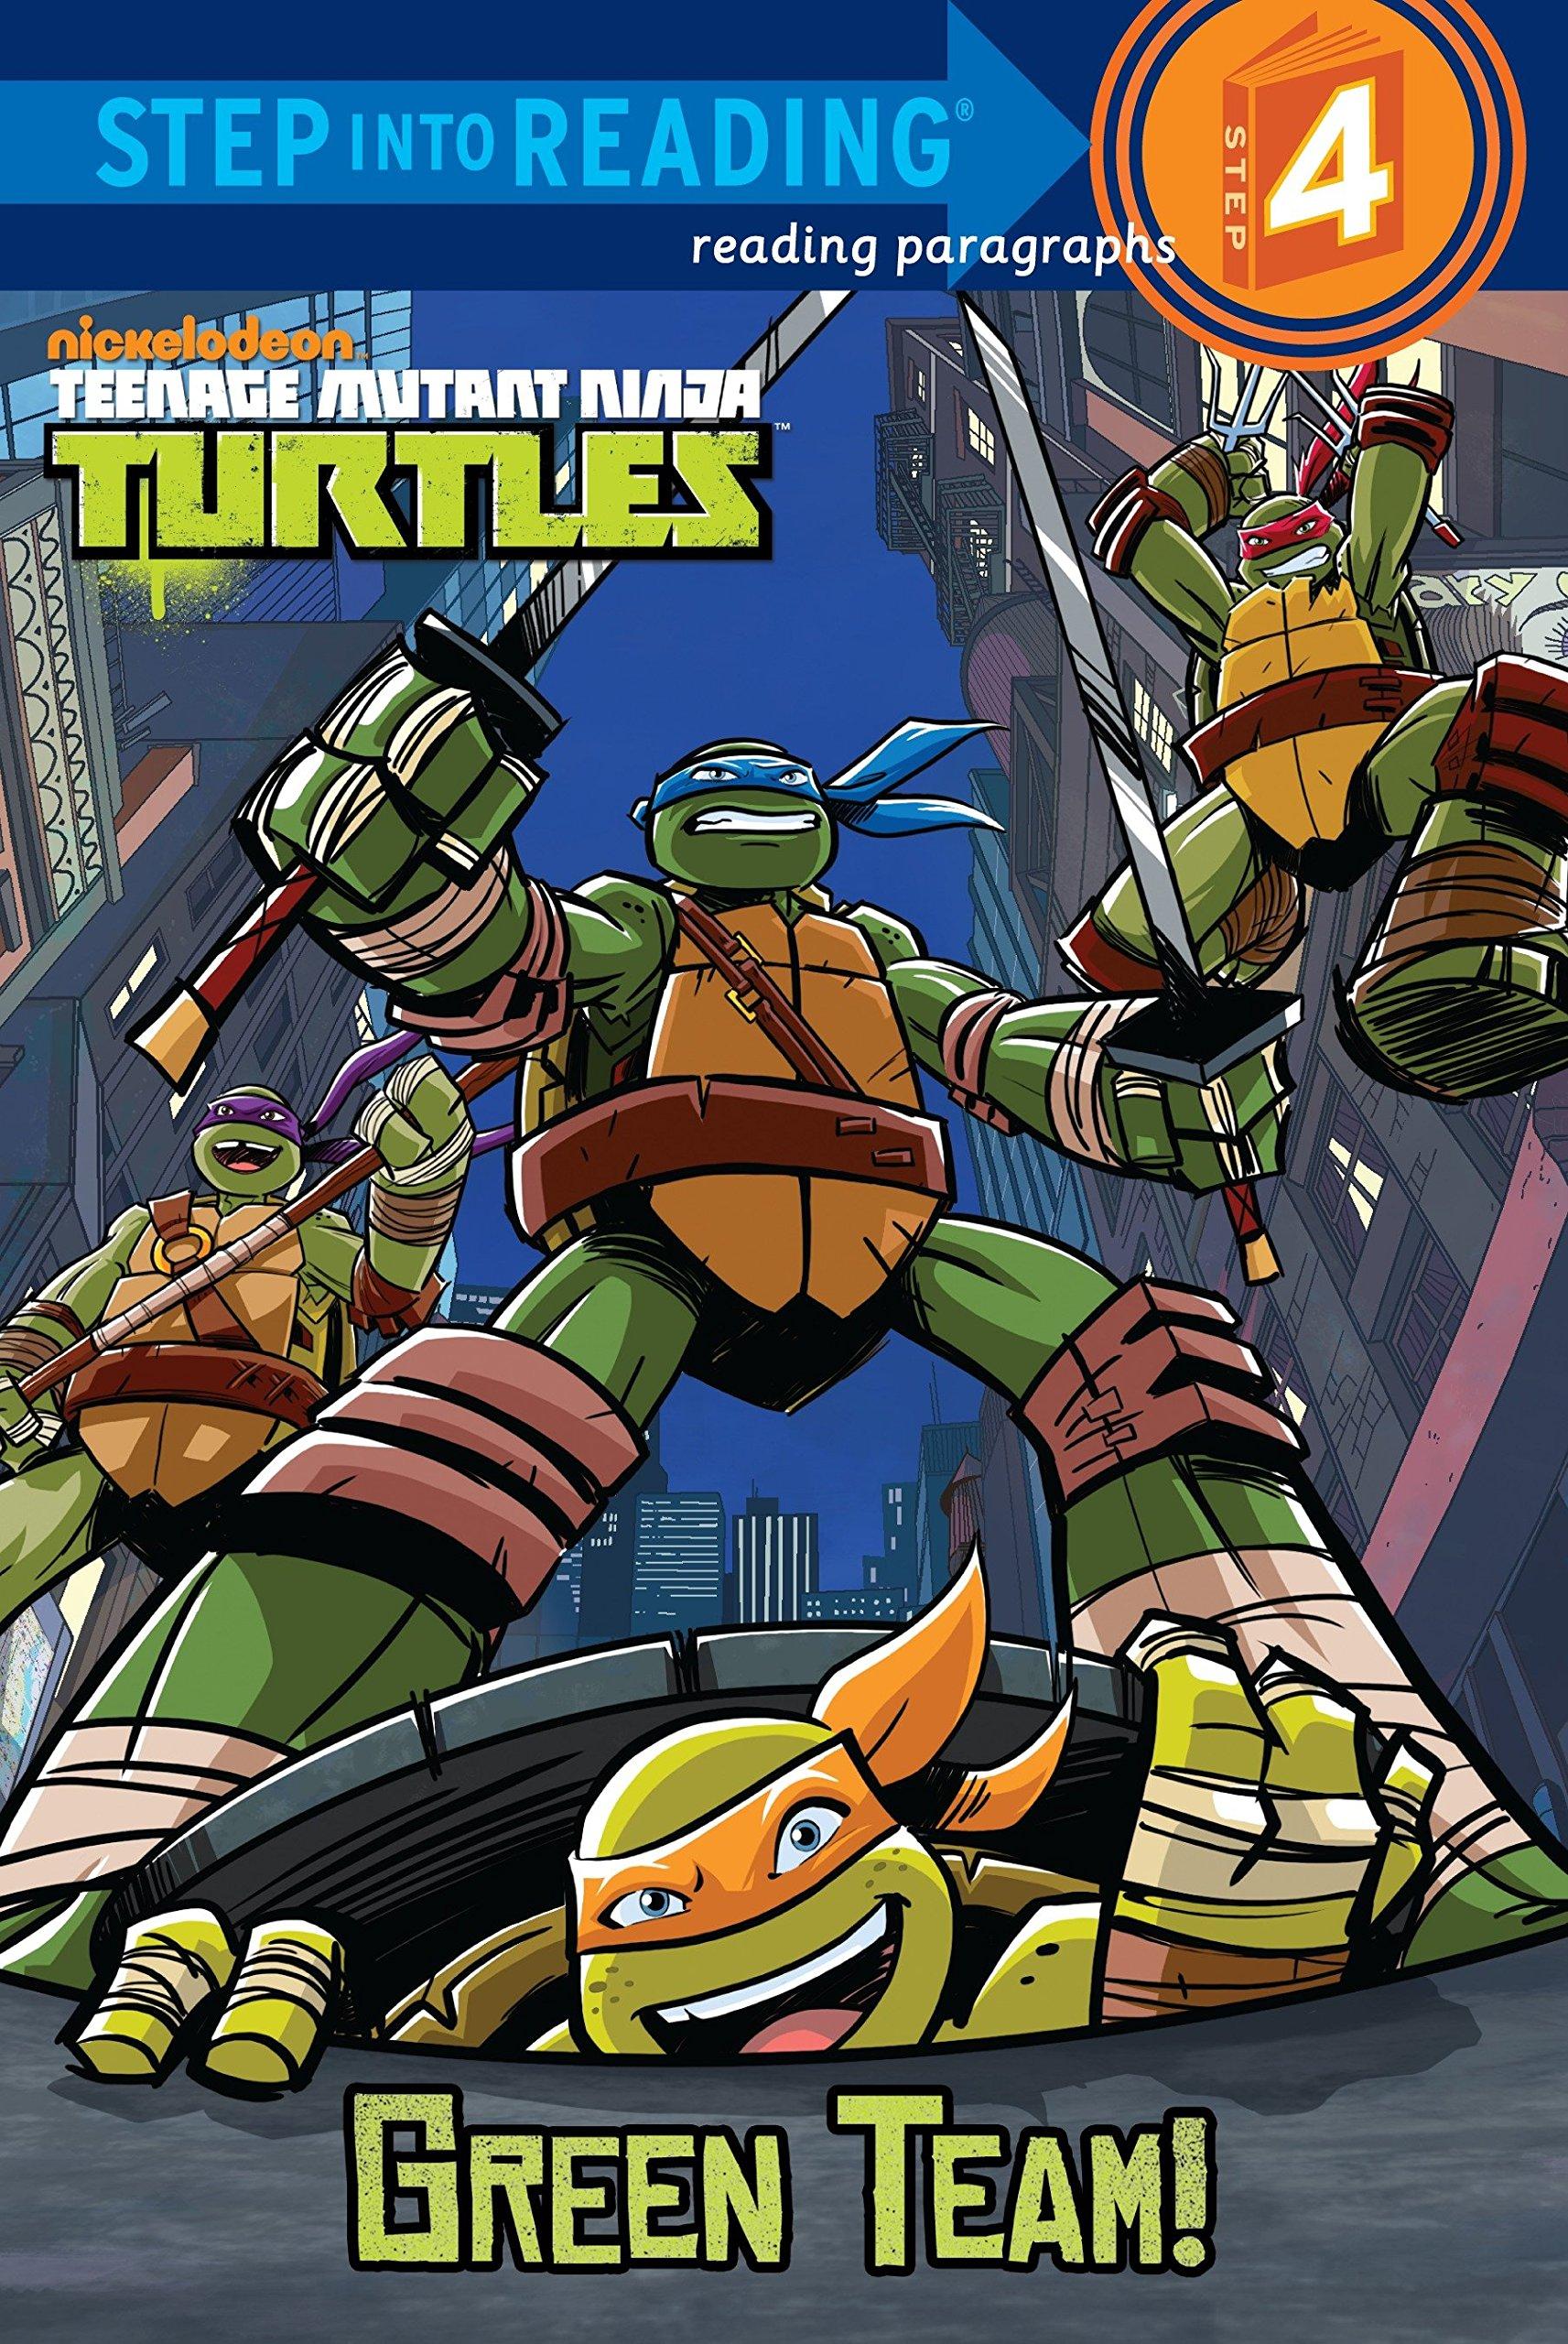 Green Team! (Teenage Mutant Ninja Turtles) (Step into Reading) pdf